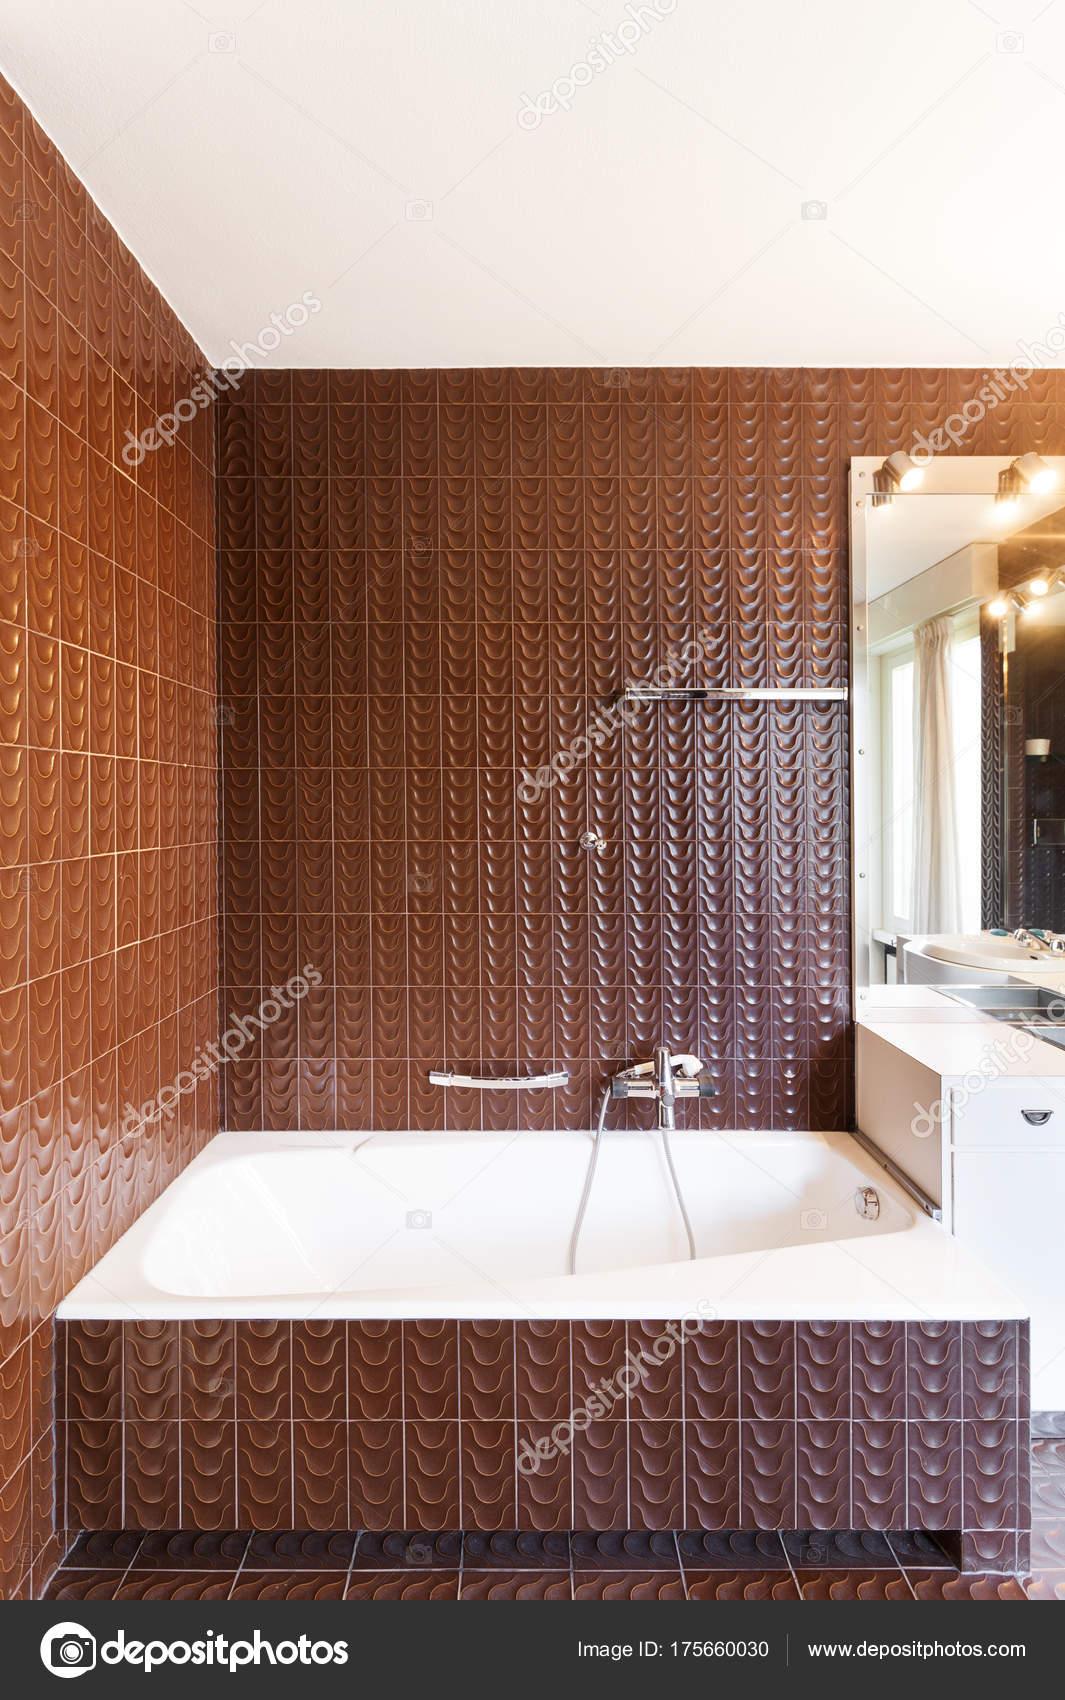 Interieur Appartement Badkamer Muur Tegels Bruin — Stockfoto ...